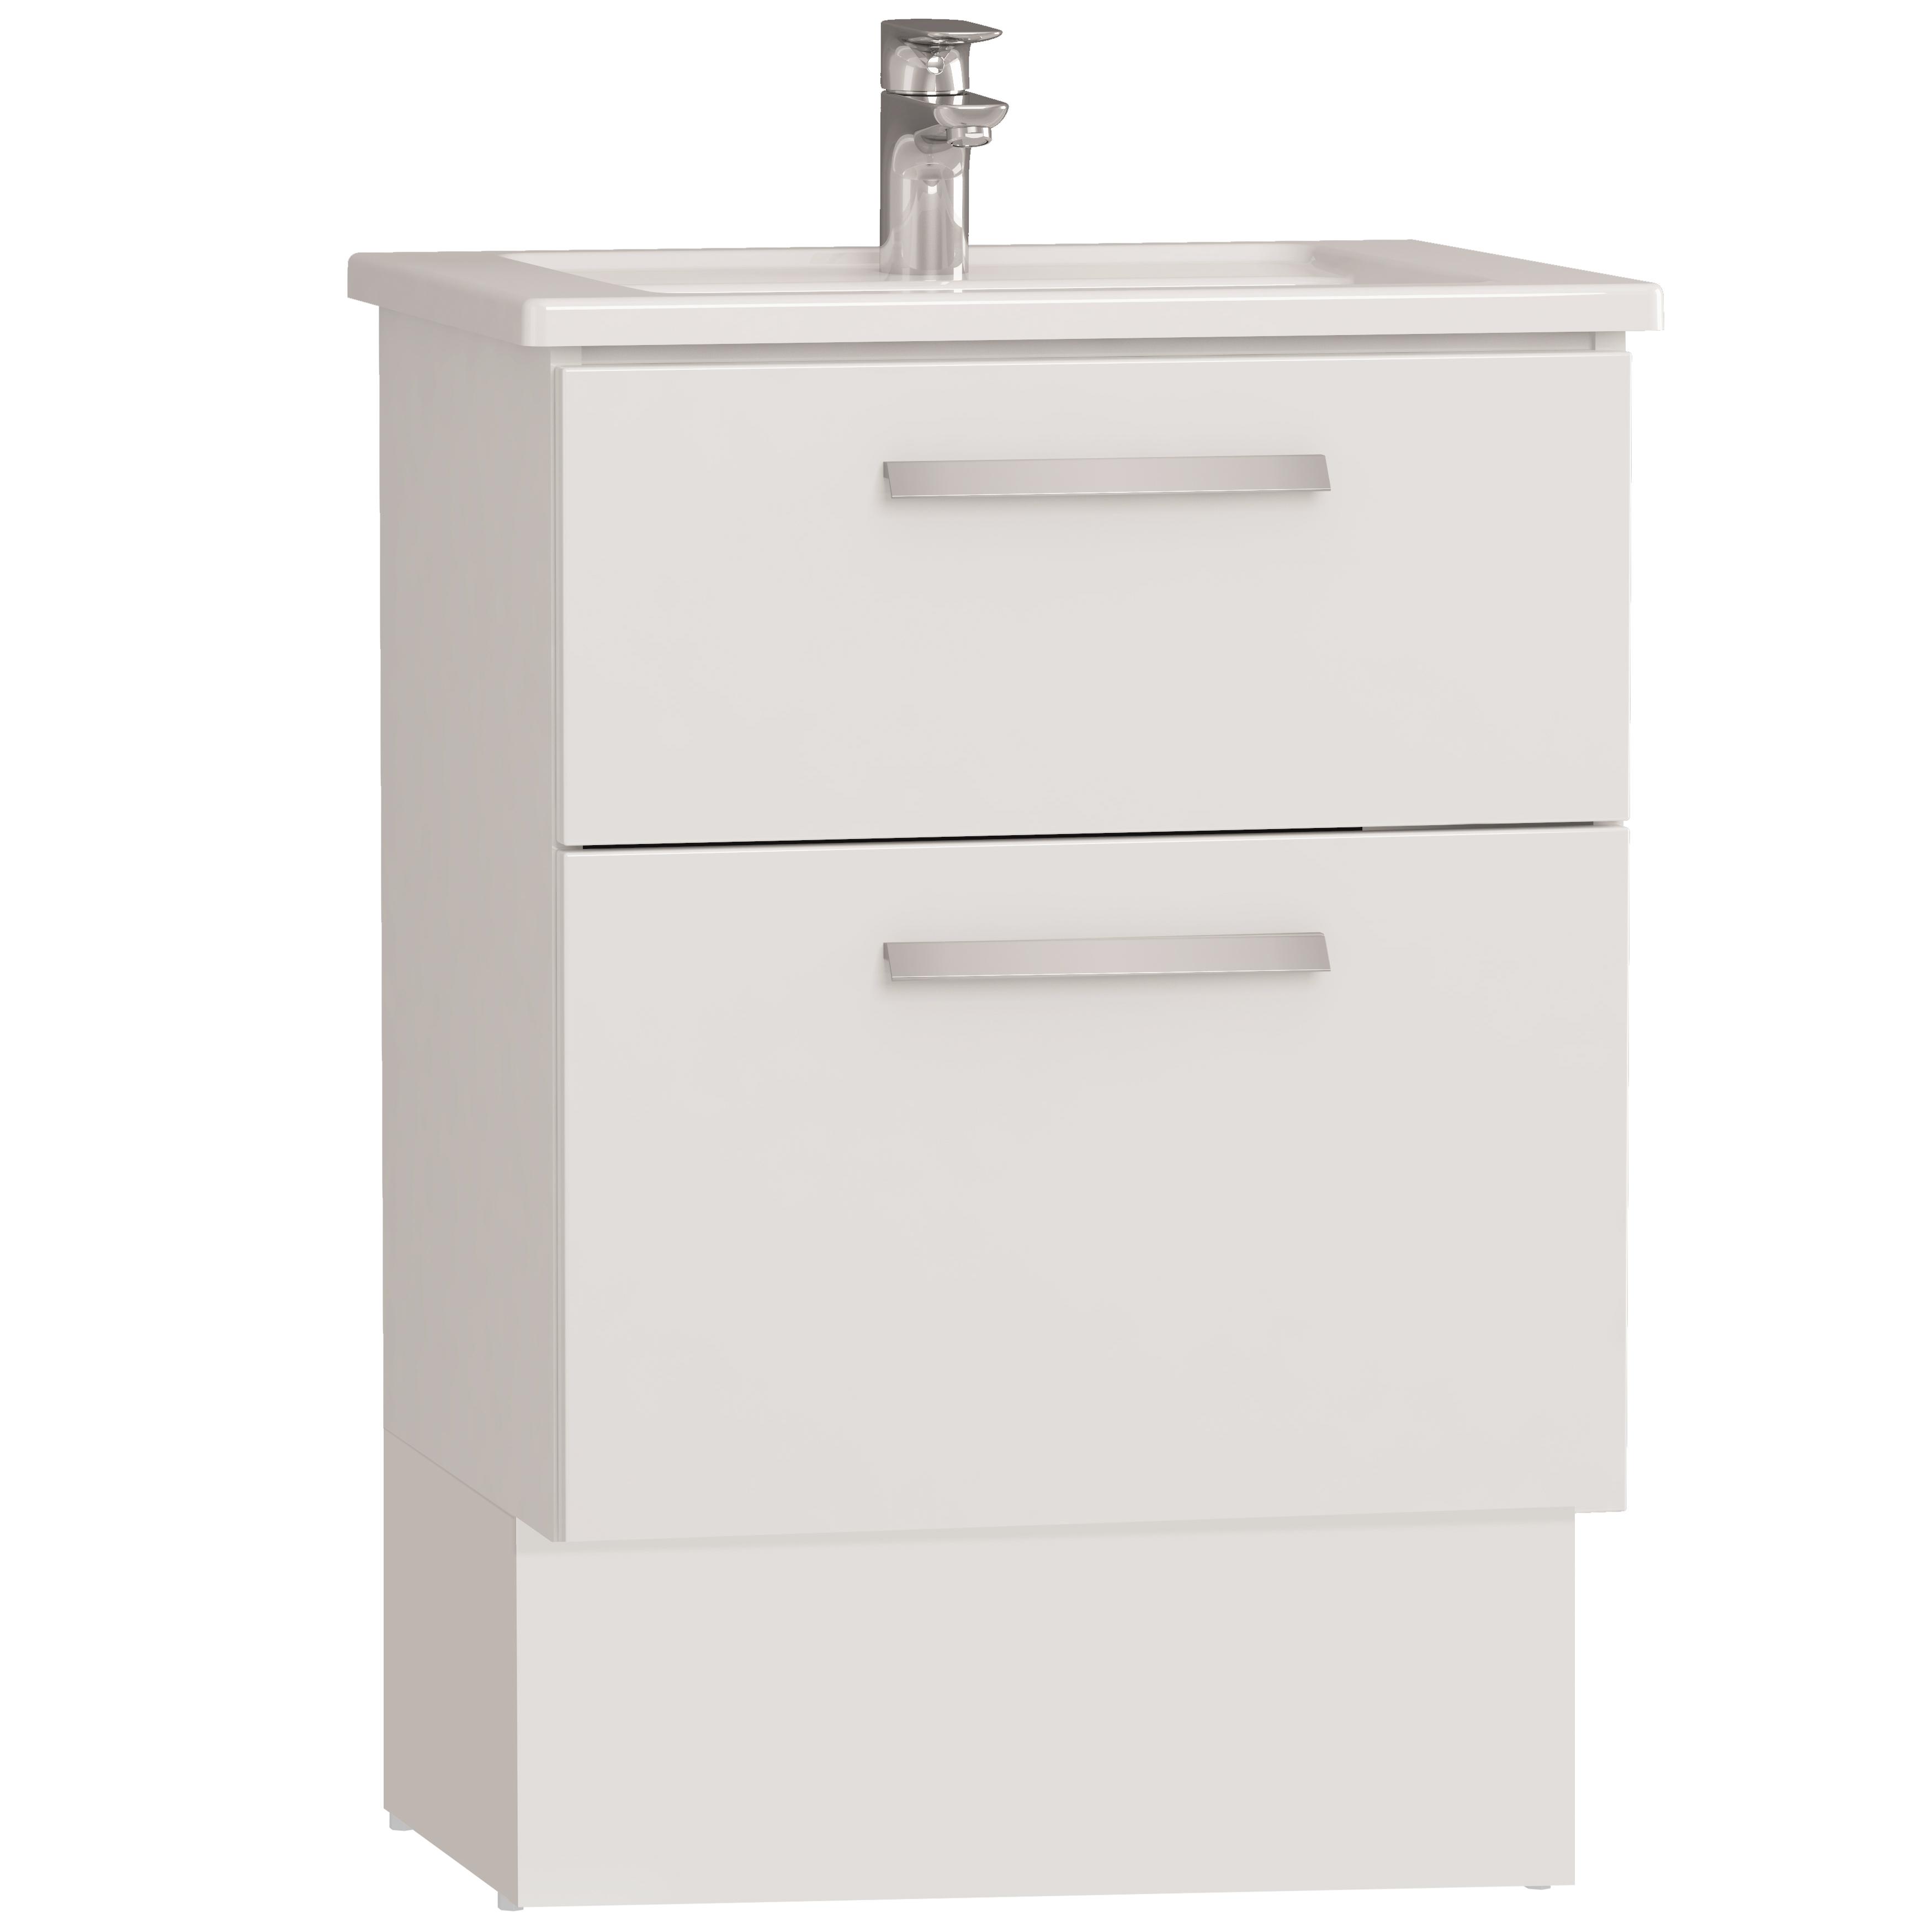 Integra socle pour meuble avec plan céramique avec deux tiroirs, 60 cm, blanc haute brillance